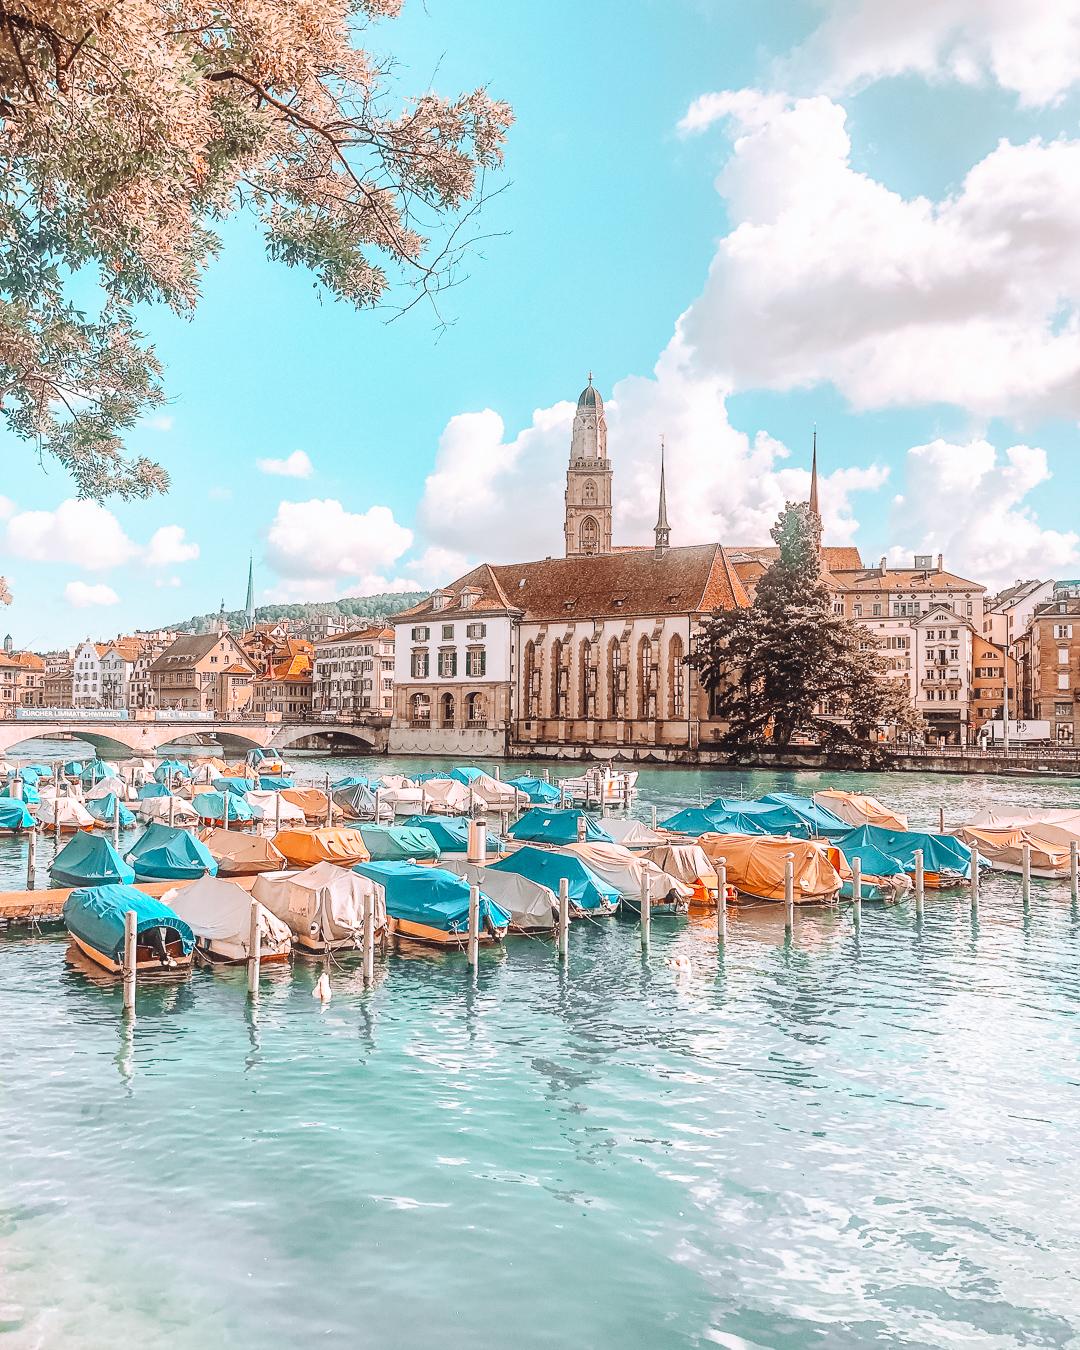 Boats in Zürich